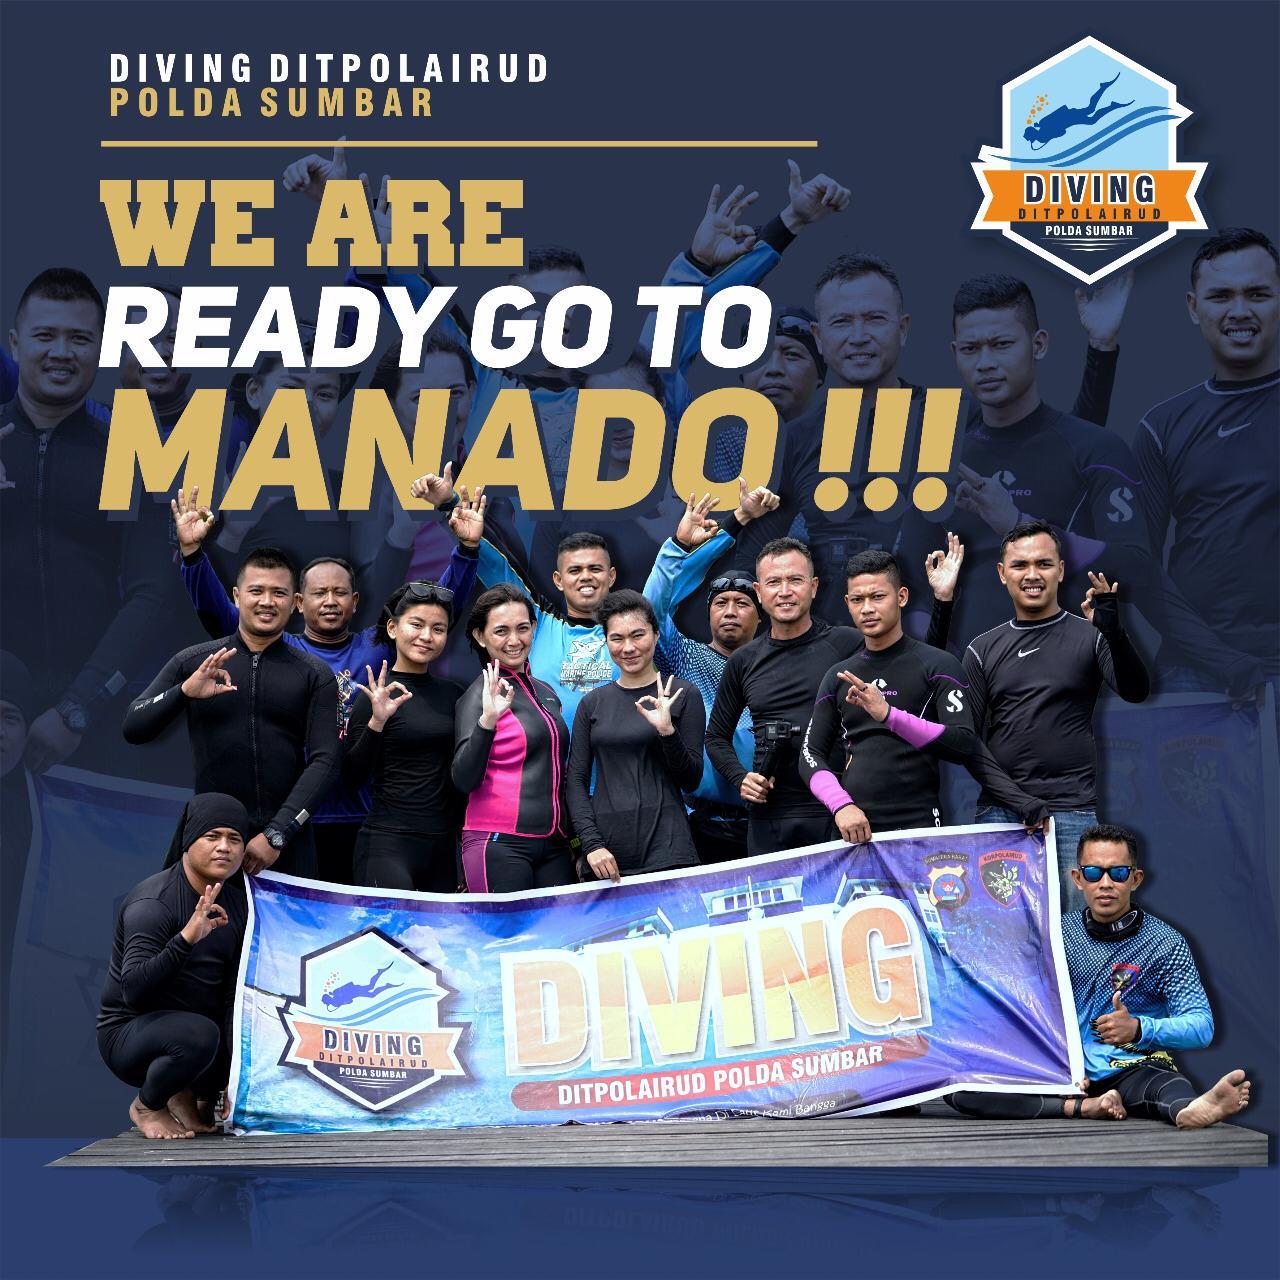 Para penyelam Ditpolairud Polda Sumbar saat latihan di perairan terbuka jelang pemecahan Rekor Dunia Selam Guinness World Records di Manado, Sulawesi Utara